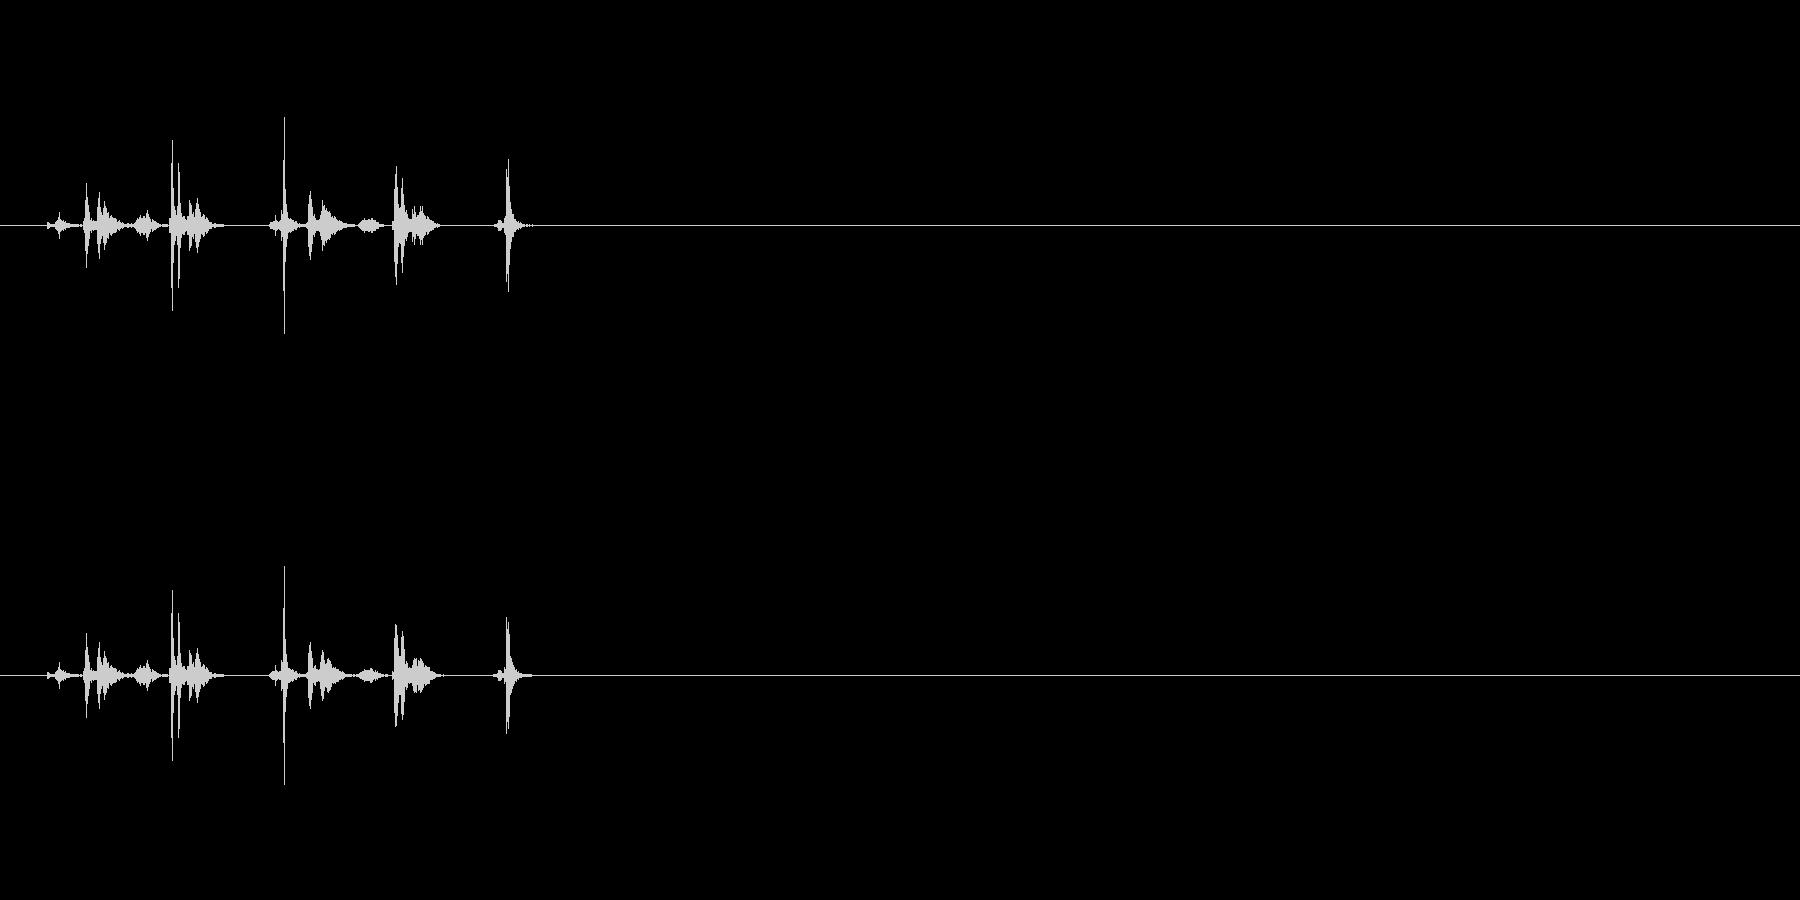 シャッター音03(2連写)Var2-4の未再生の波形